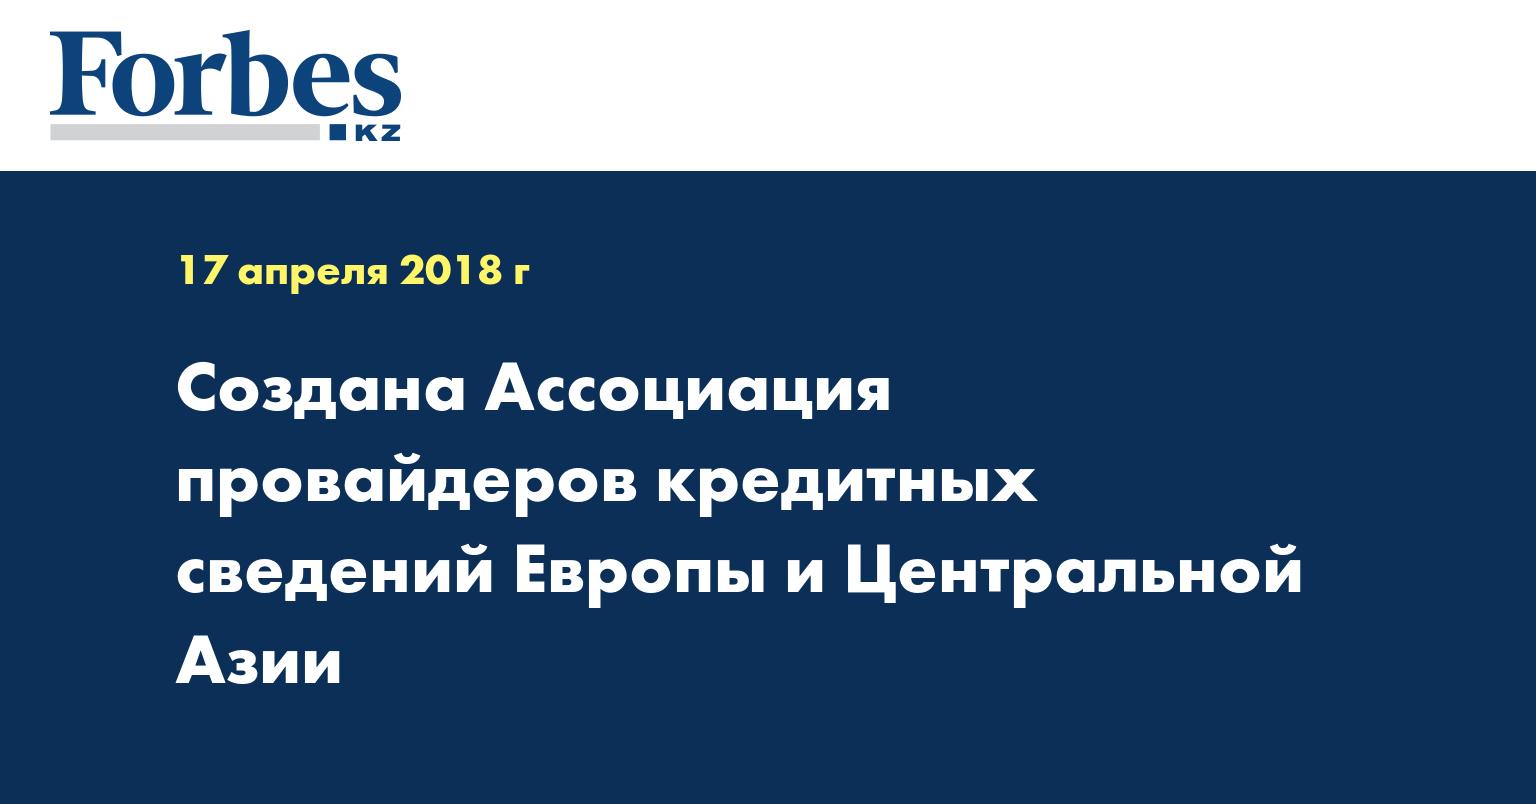 Создана Ассоциация провайдеров кредитных сведений Европы и Центральной Азии